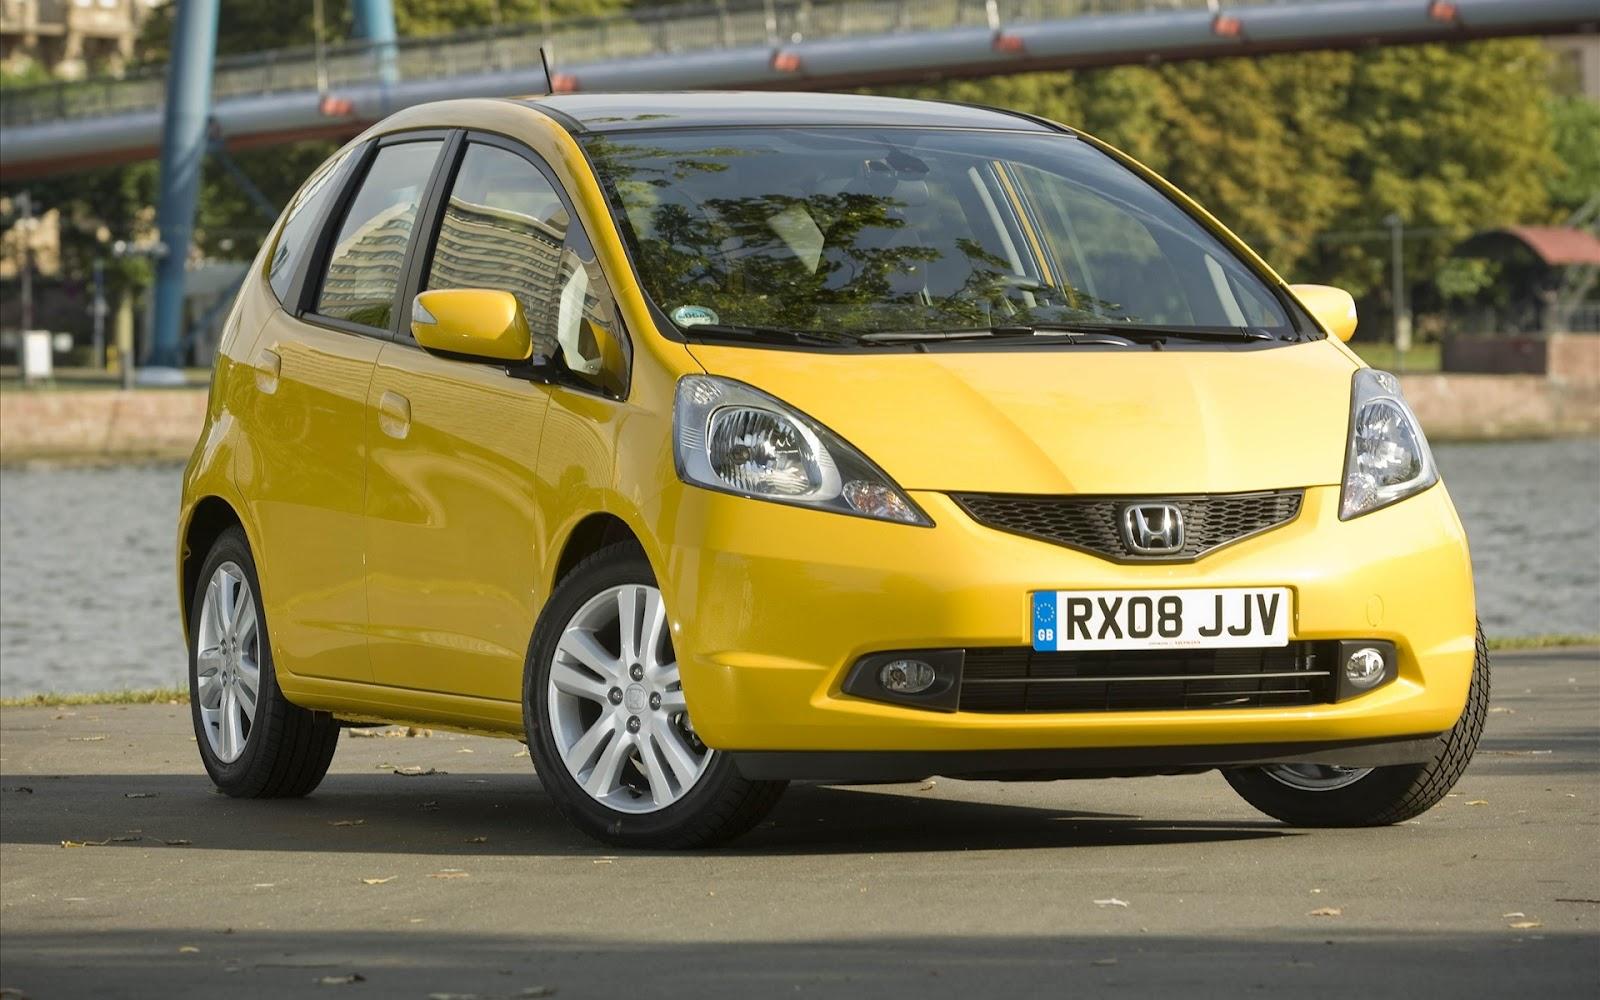 http://4.bp.blogspot.com/-B10n2j_jfSA/UF1QLi6qGaI/AAAAAAAABdg/TUj7r4CC8EU/s1600/Honda+Jazz+Car+HD+Wallpaper.jpg